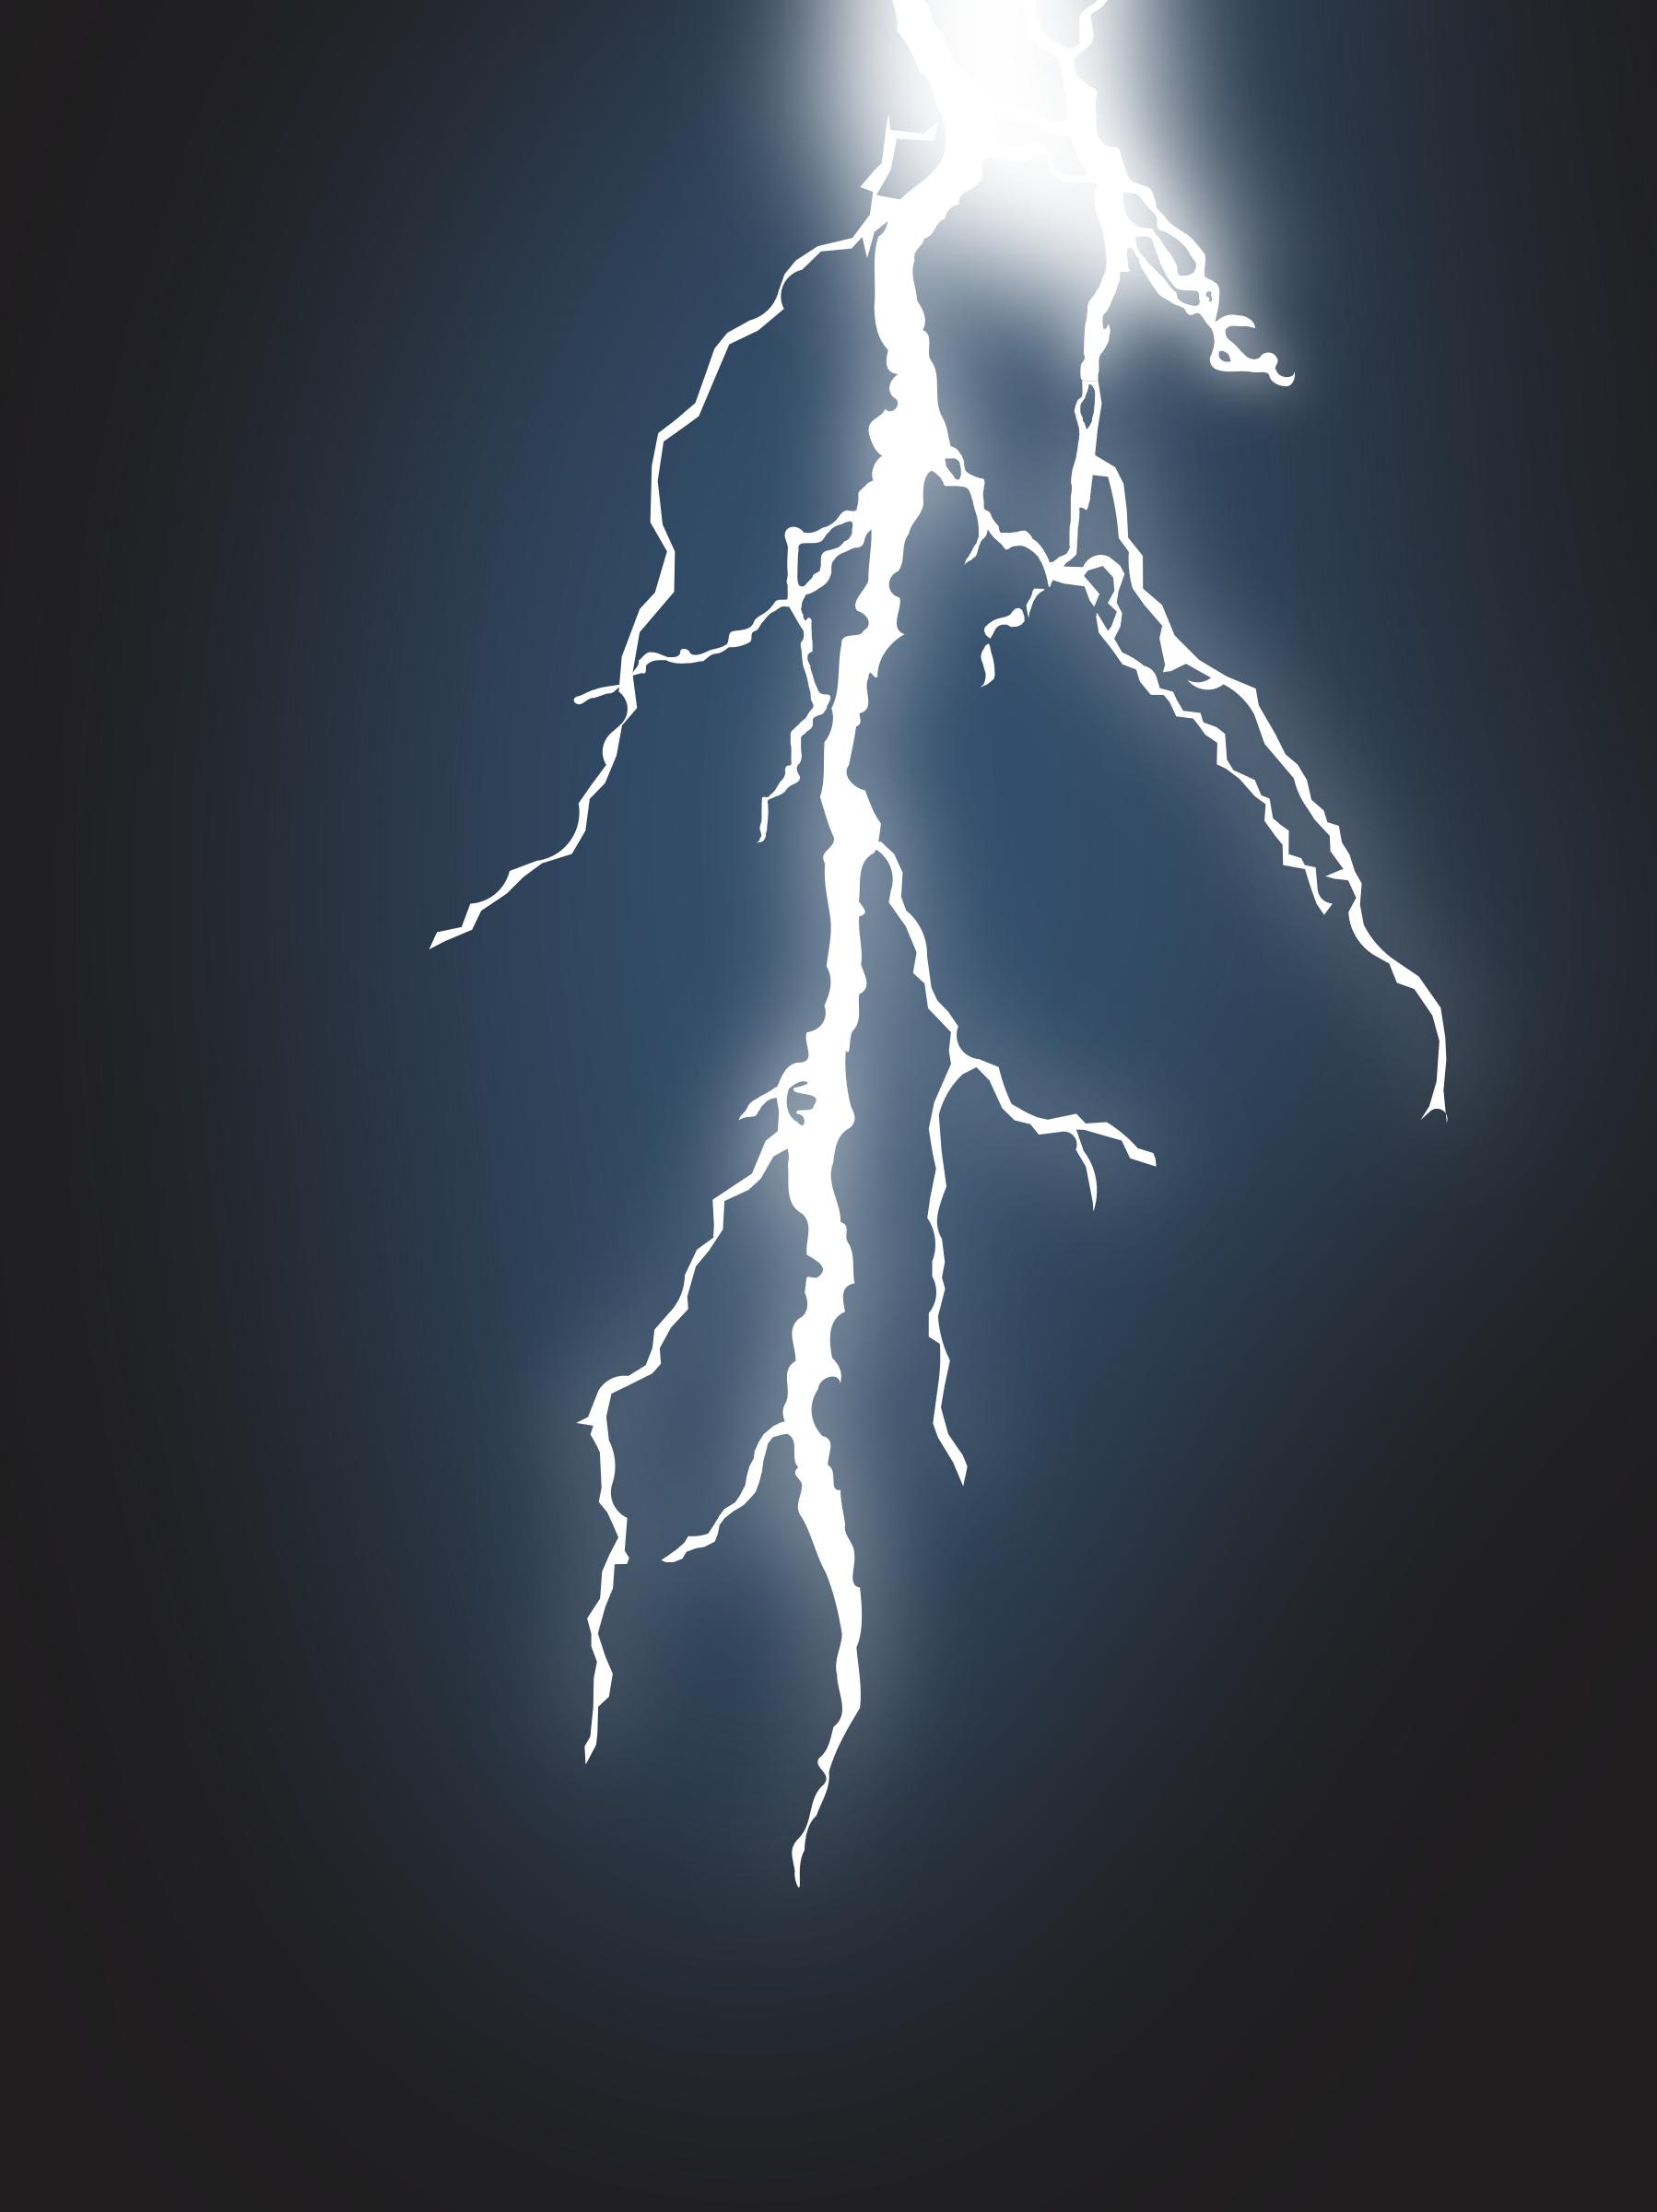 Lightening clipart lightning flash Clipart Lightning Clipart ClipartFan Clipart